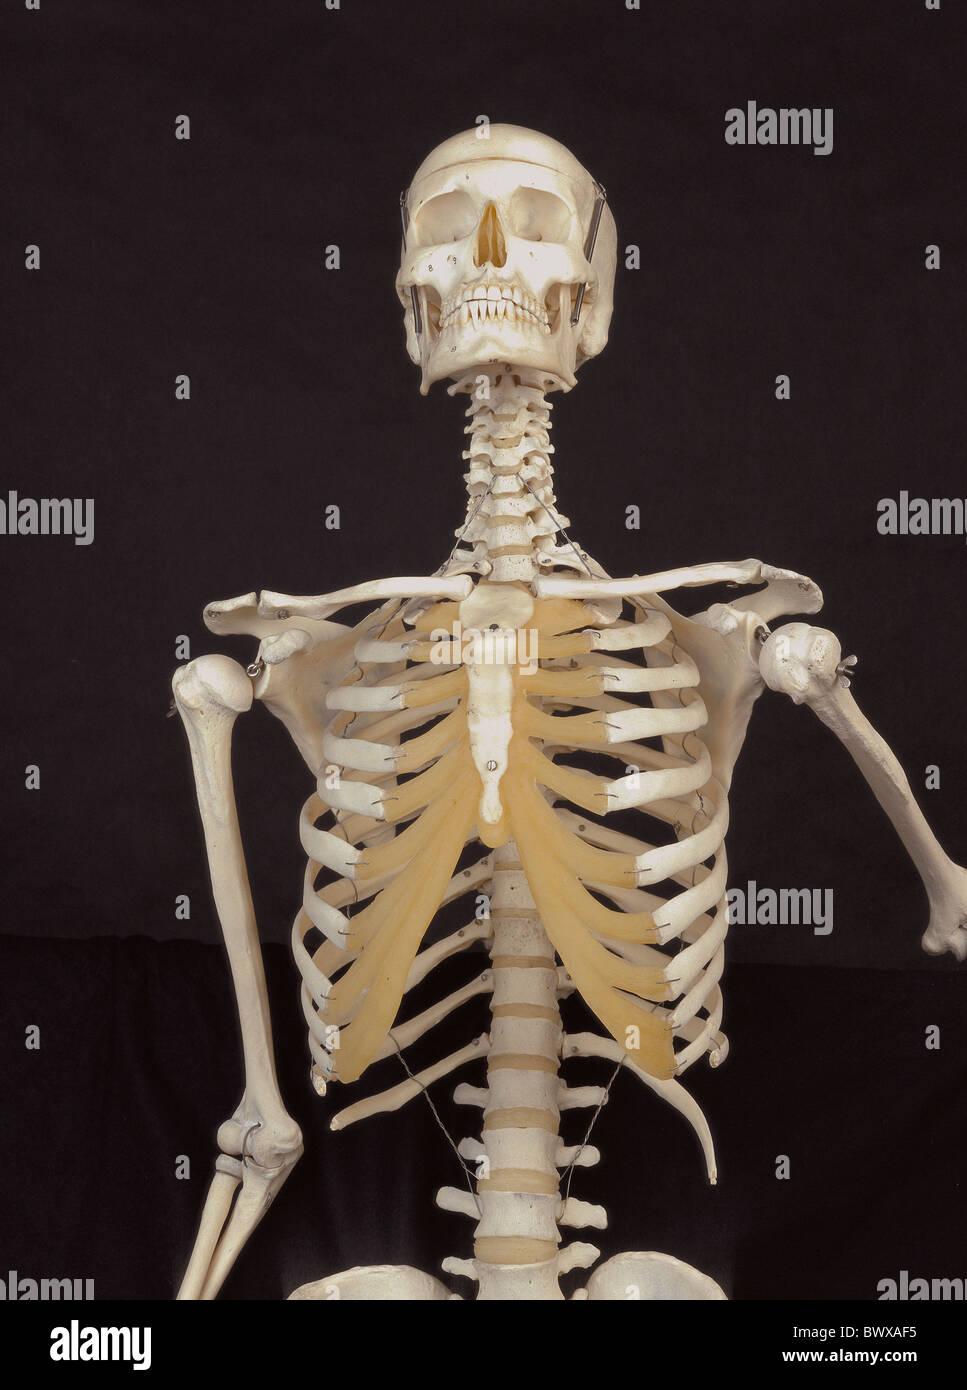 Fantastisch Anatomie Skelett Kennzeichnung Ideen - Menschliche ...